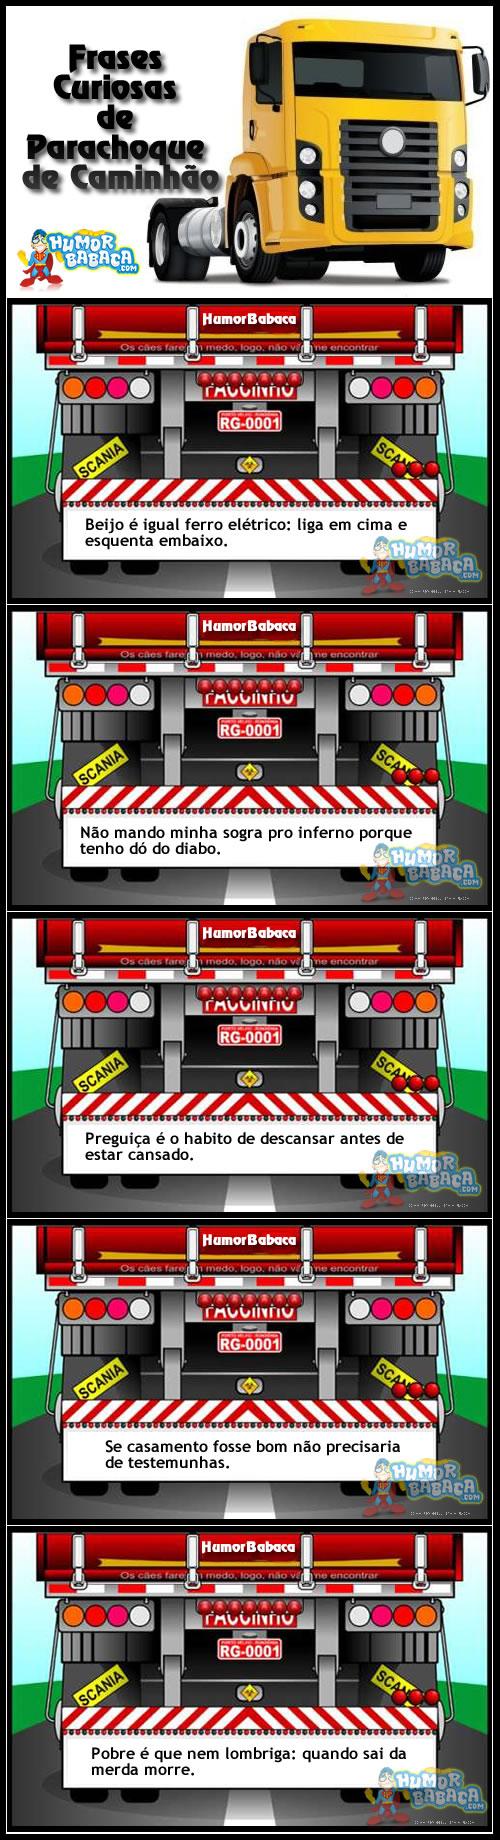 Frases Curiosas De Parachoque De Caminhão Humorbabacacom